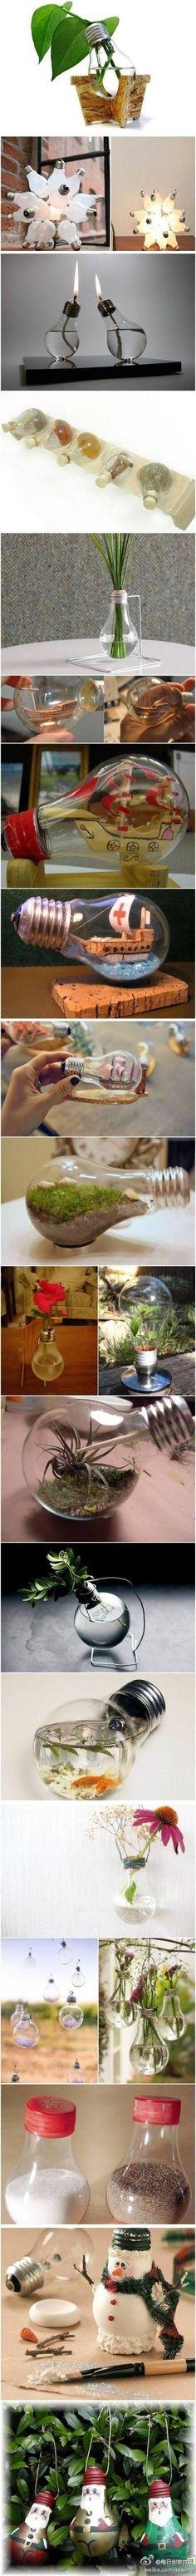 Arte & Reciclaje: Ideas para reciclar bombillos